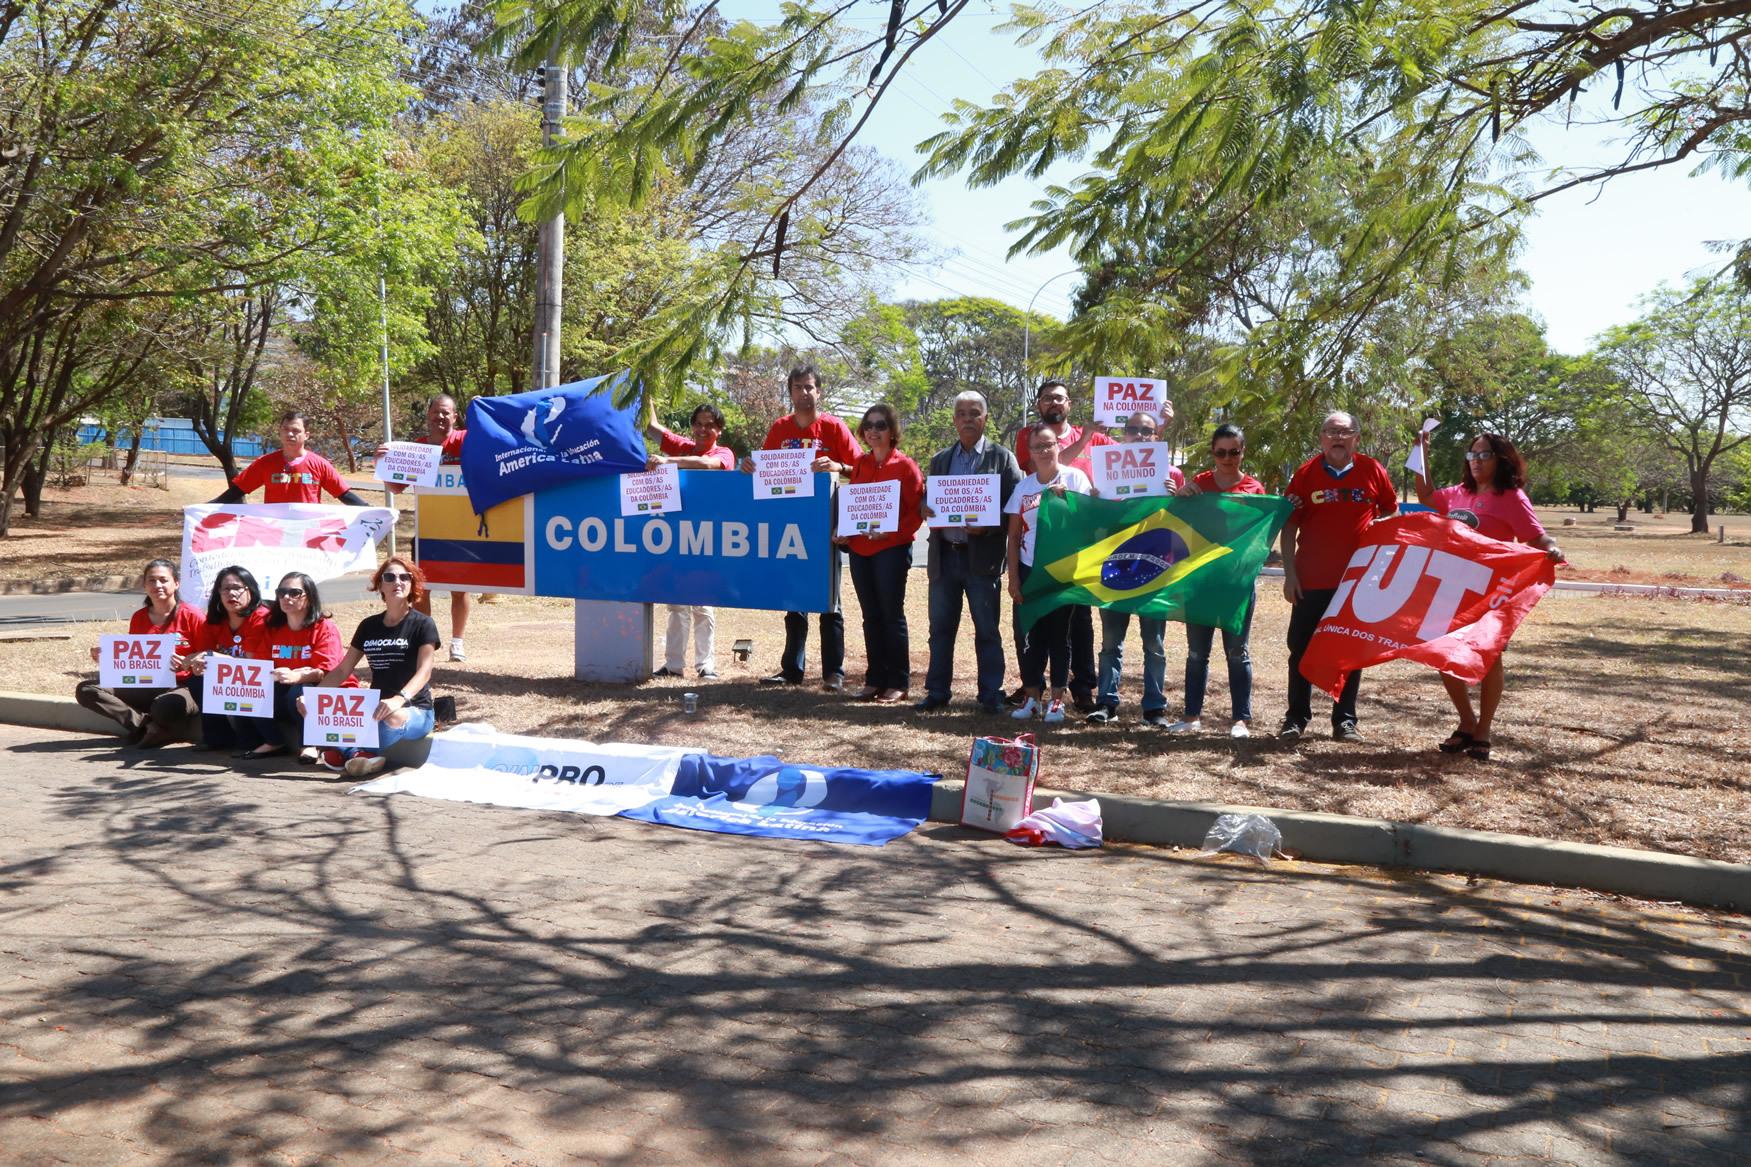 2019.09.12-Ato-Embaixada-Colombia_fotos-ECOM-25